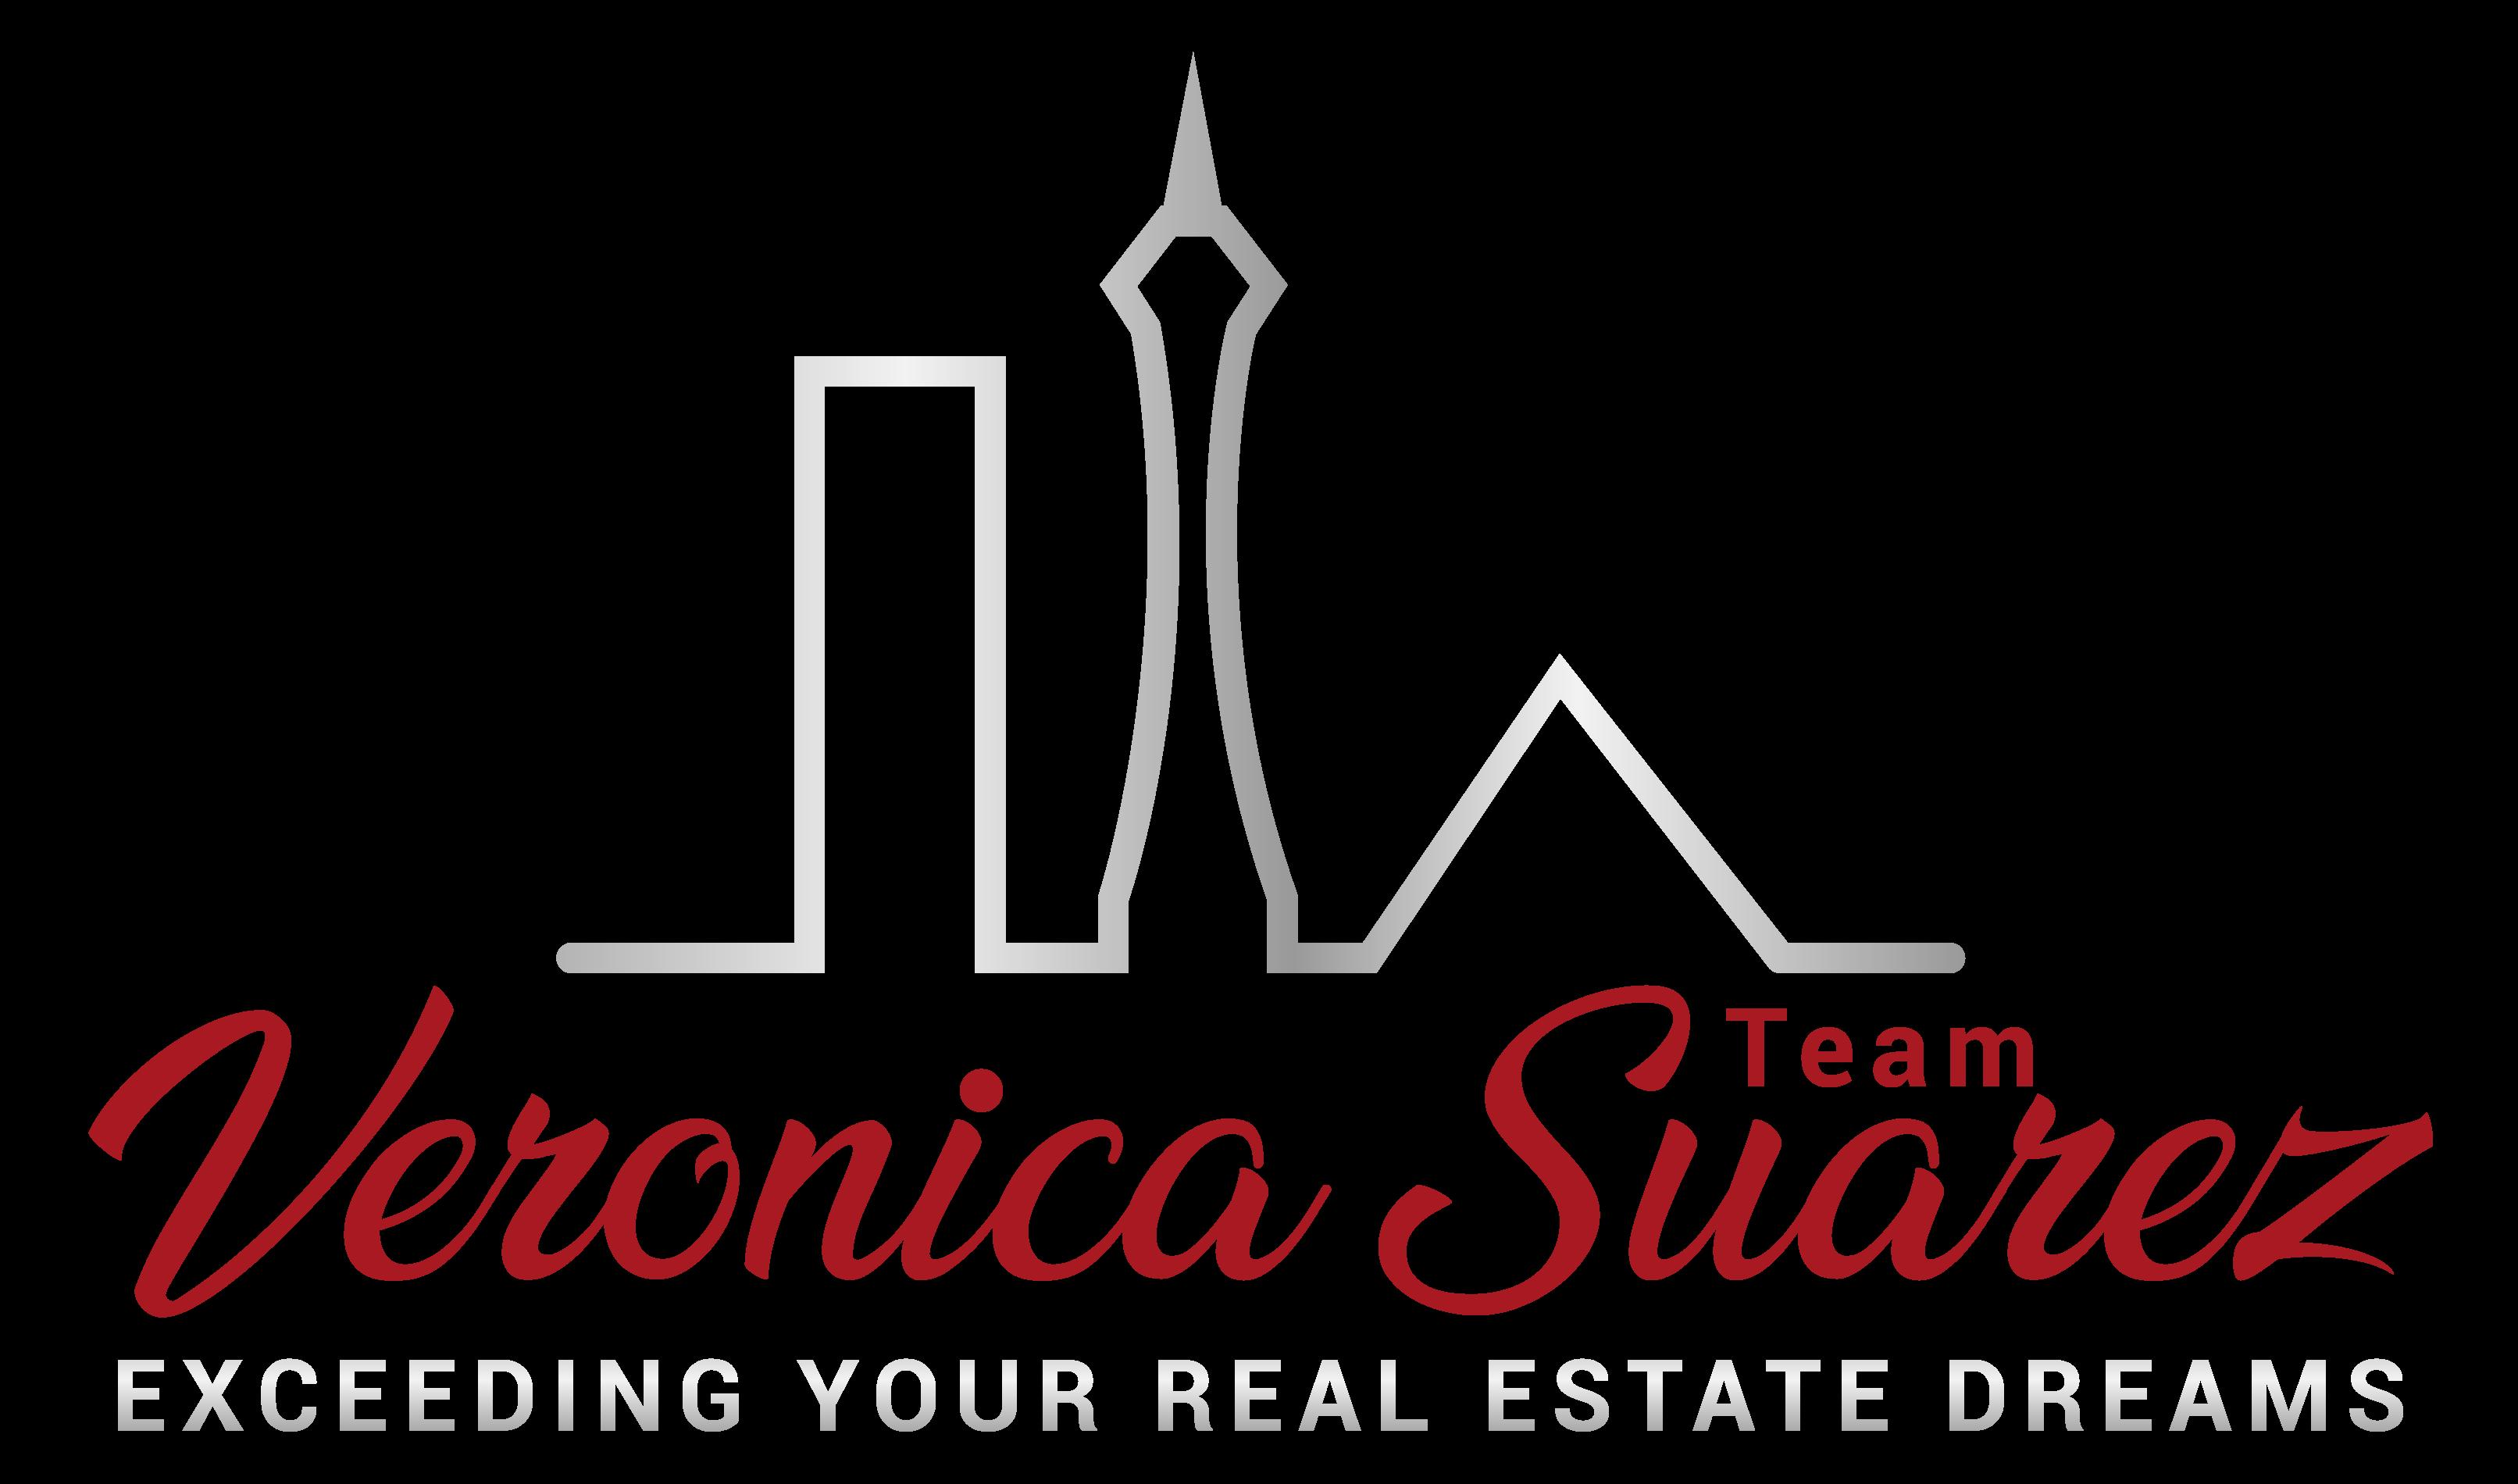 Veronica Suarez - Las Vegas Realtor